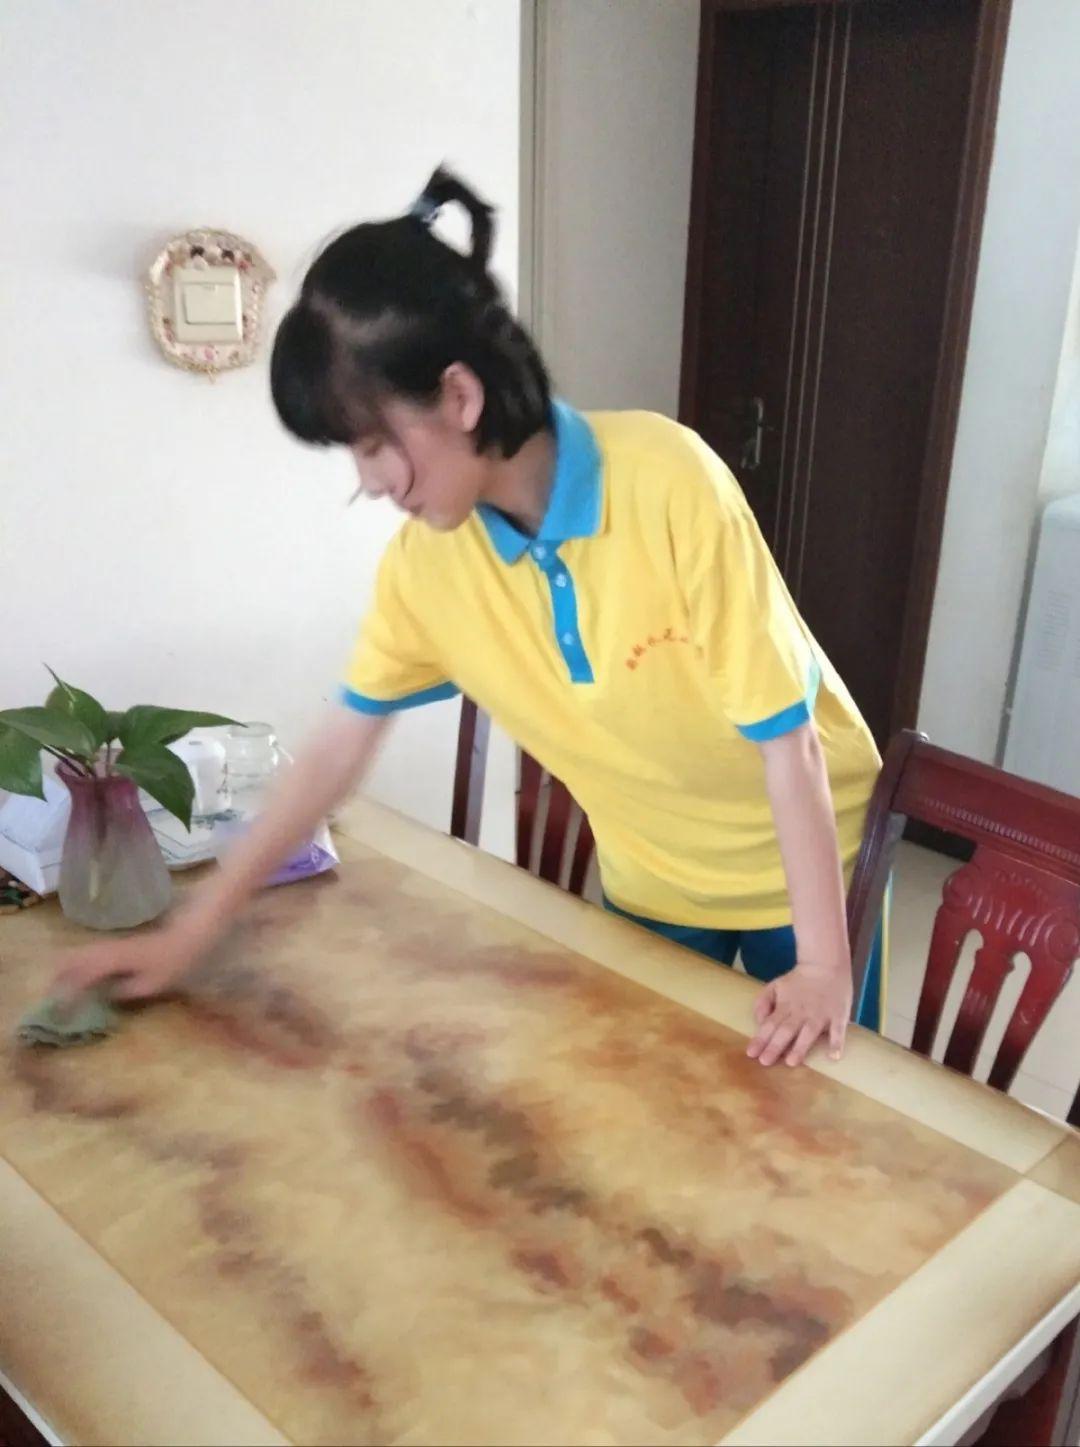 滨湖志臻|五一劳动节,致敬最可爱的人1828 作者: 来源: 发布时间:2020-5-5 08:15